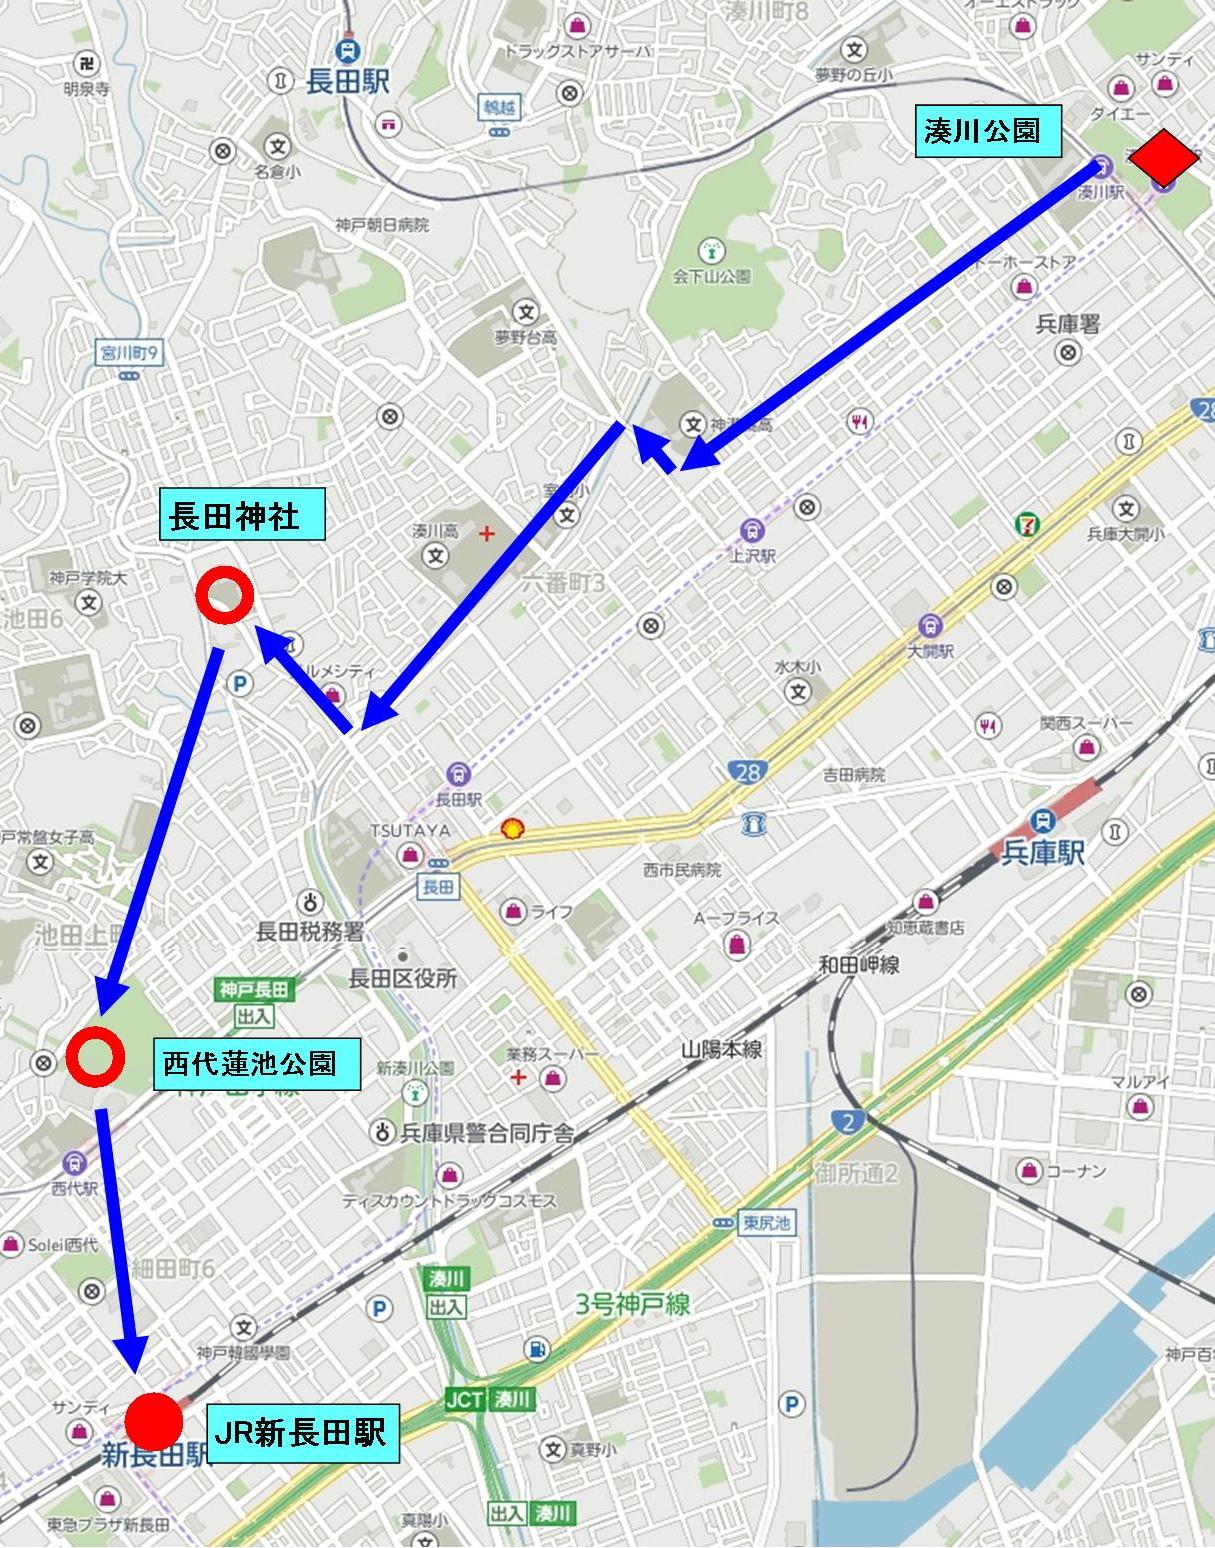 a地図2 (1).JPG